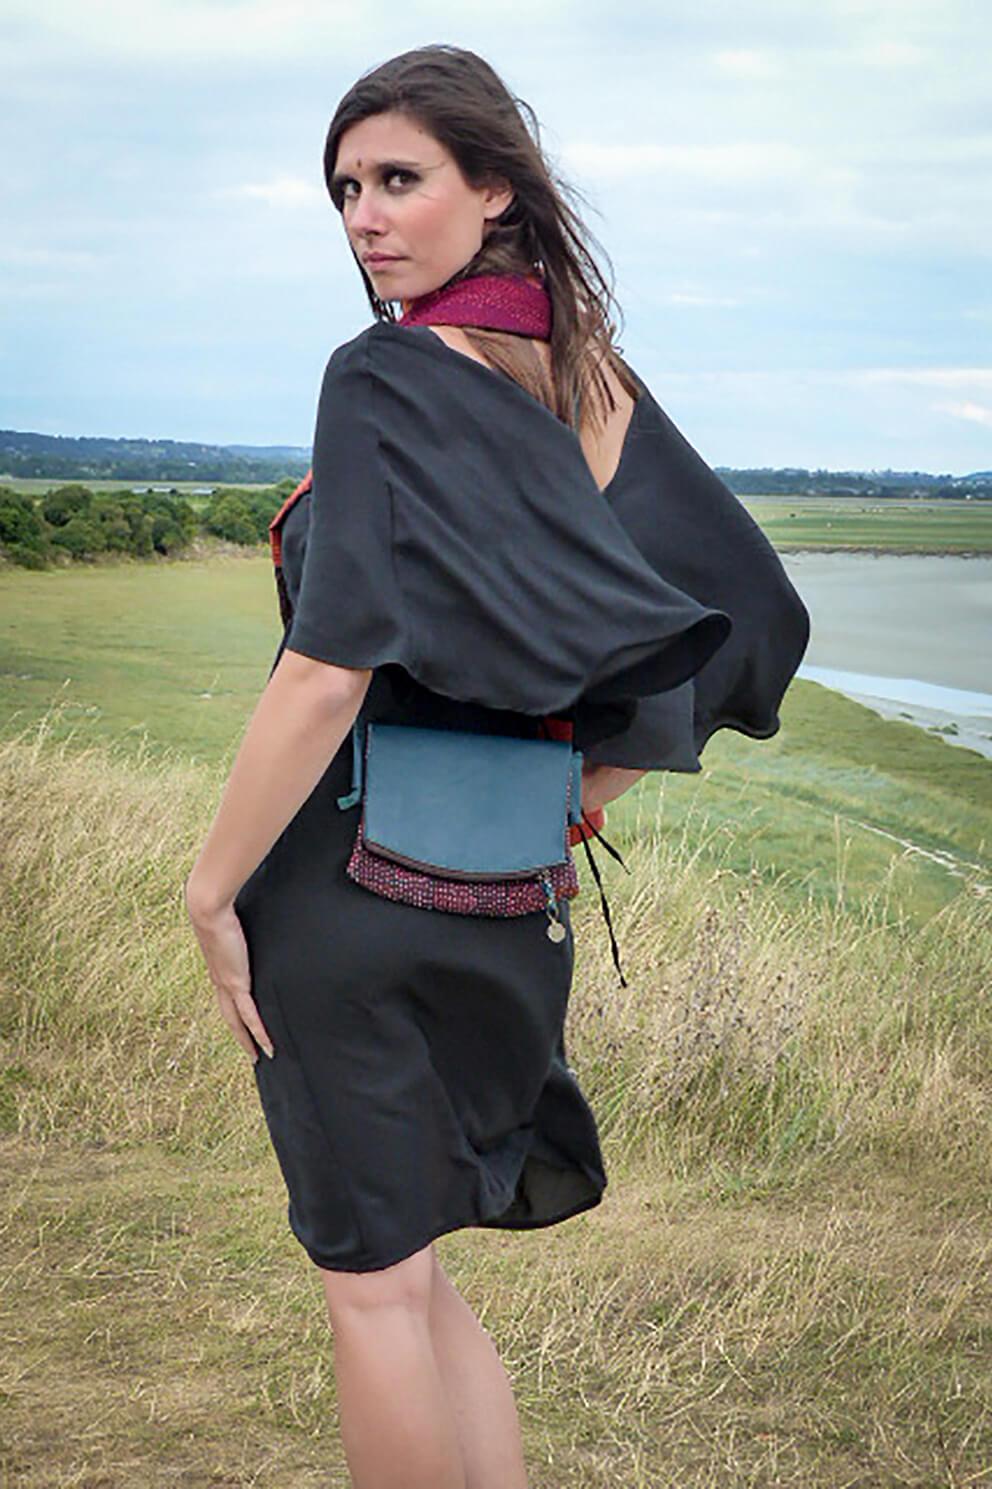 robe en soie noire et sac en cuir et textile vintage Takla Makan slow fashion